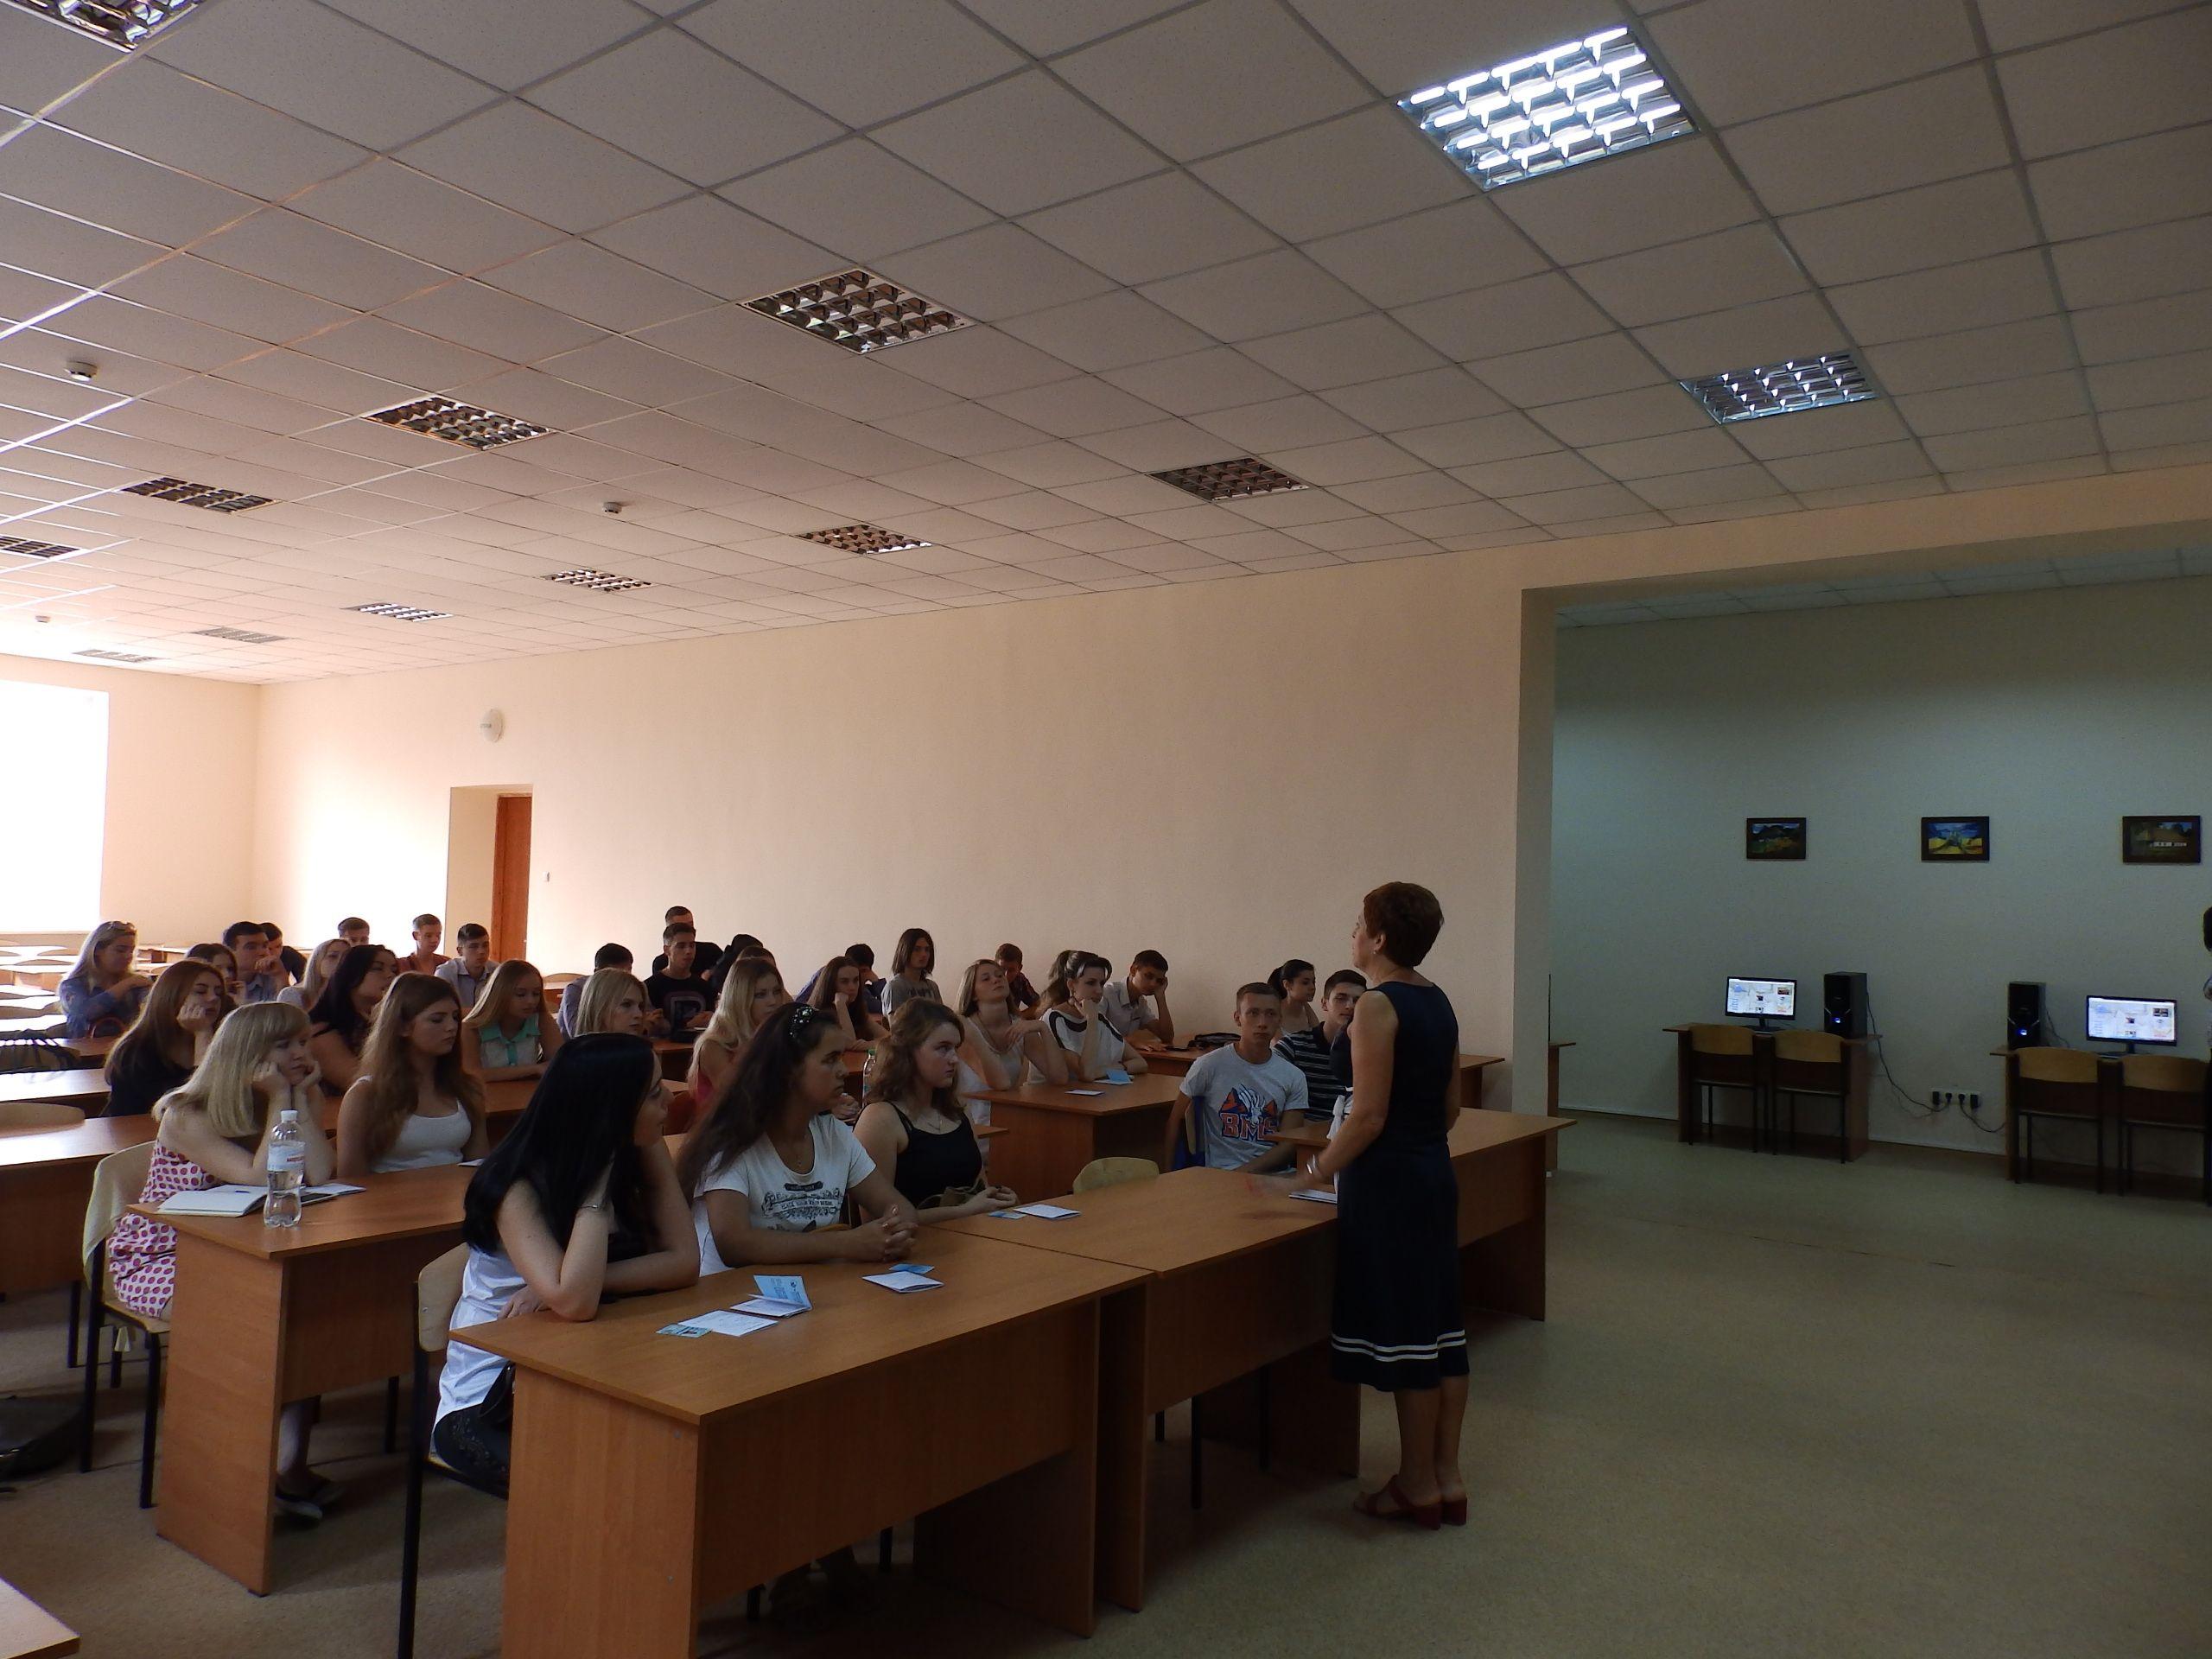 Лекція для студентів-першокурсників, з якої вони дізнаються про правила користування бібліотекою.